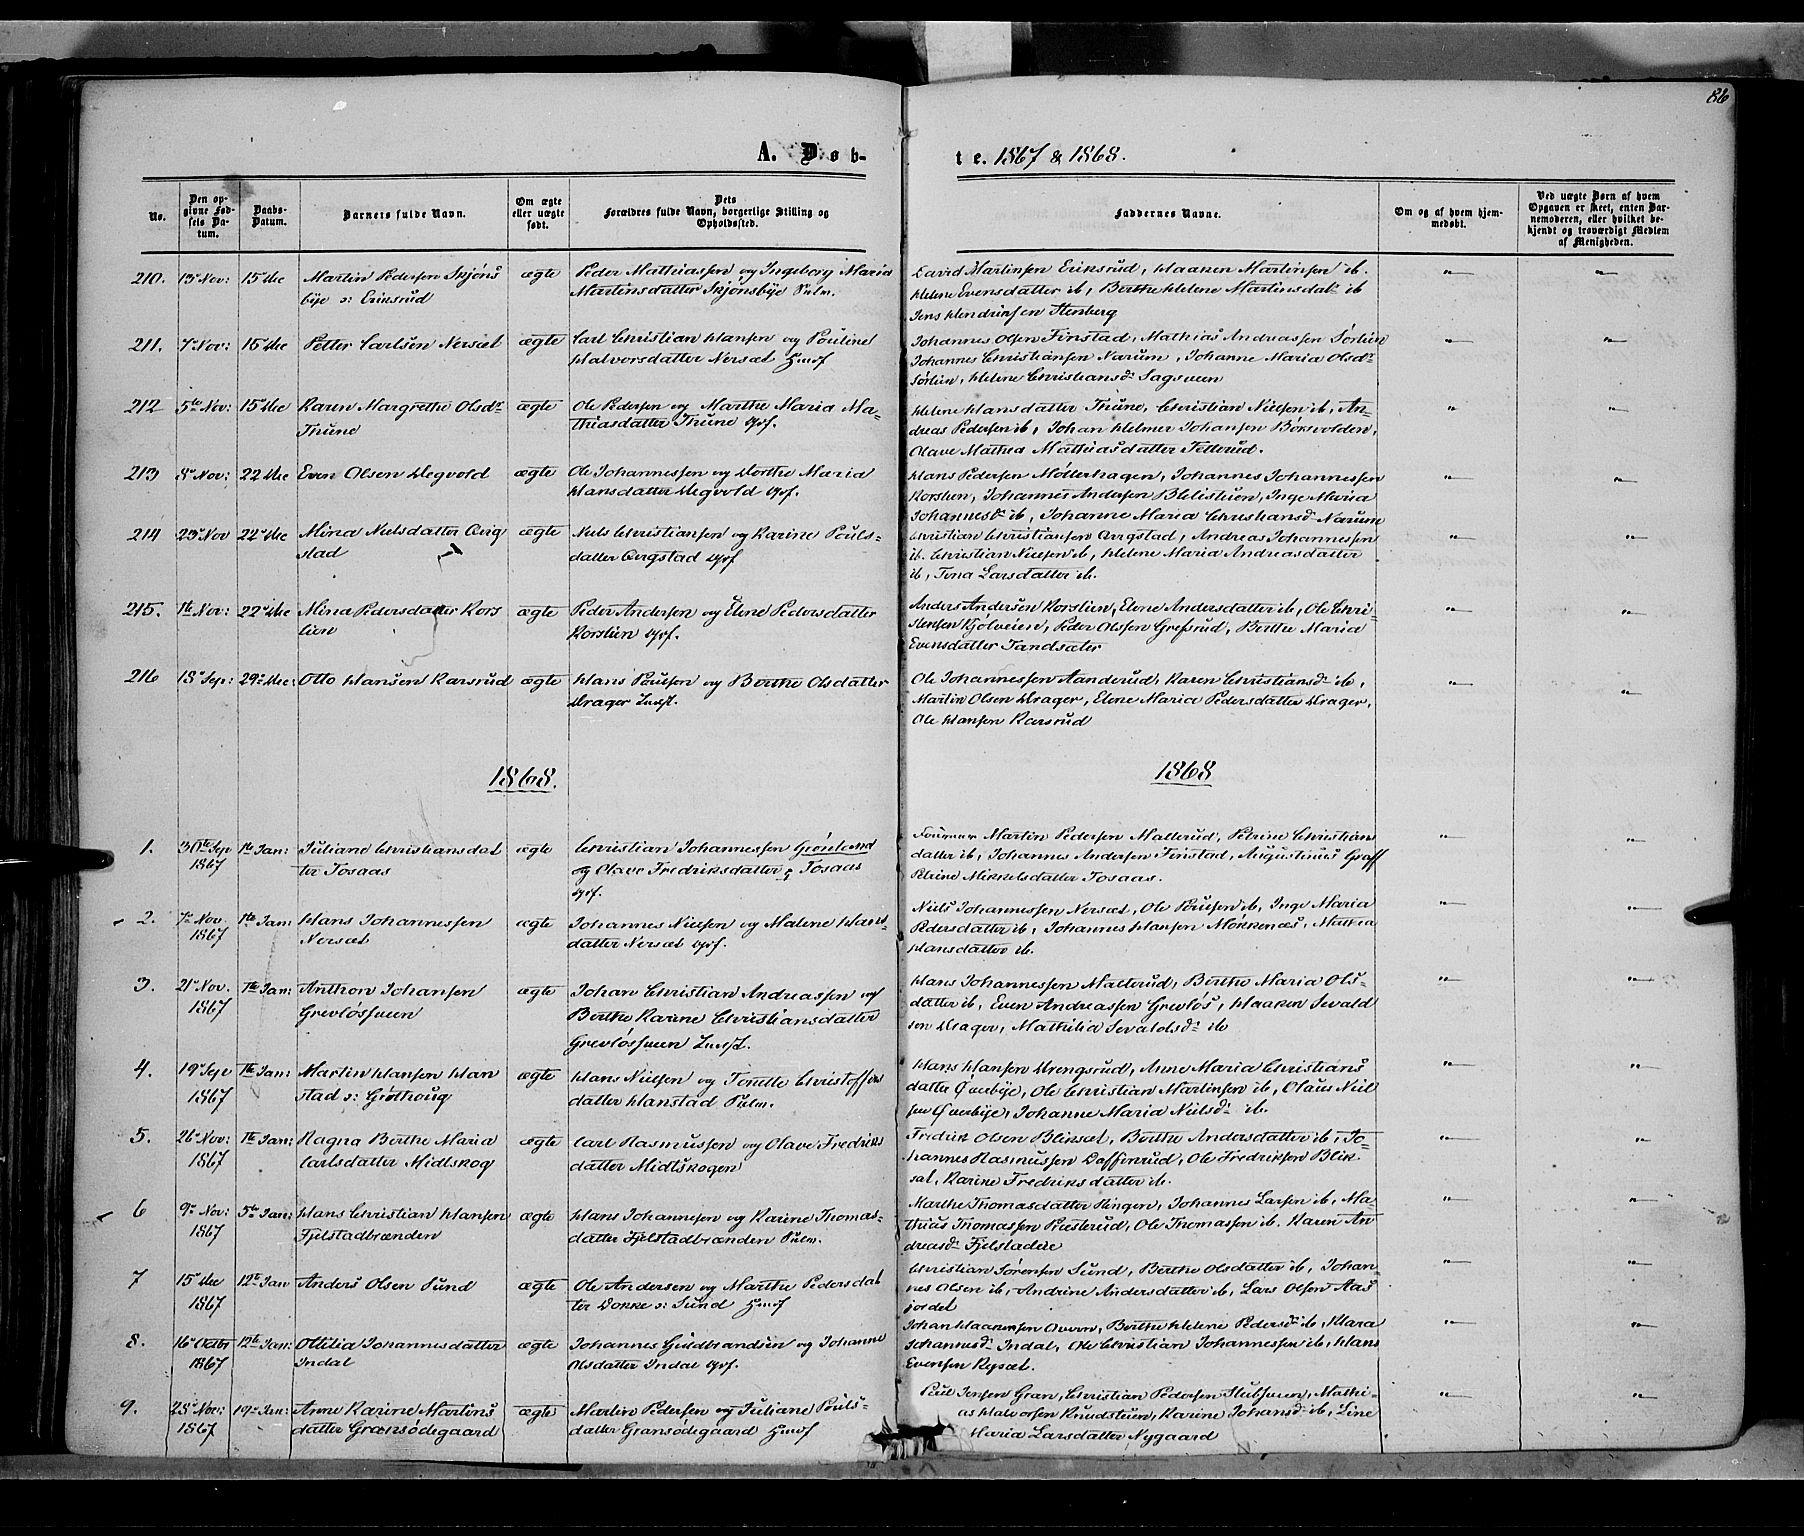 SAH, Vestre Toten prestekontor, Ministerialbok nr. 7, 1862-1869, s. 86